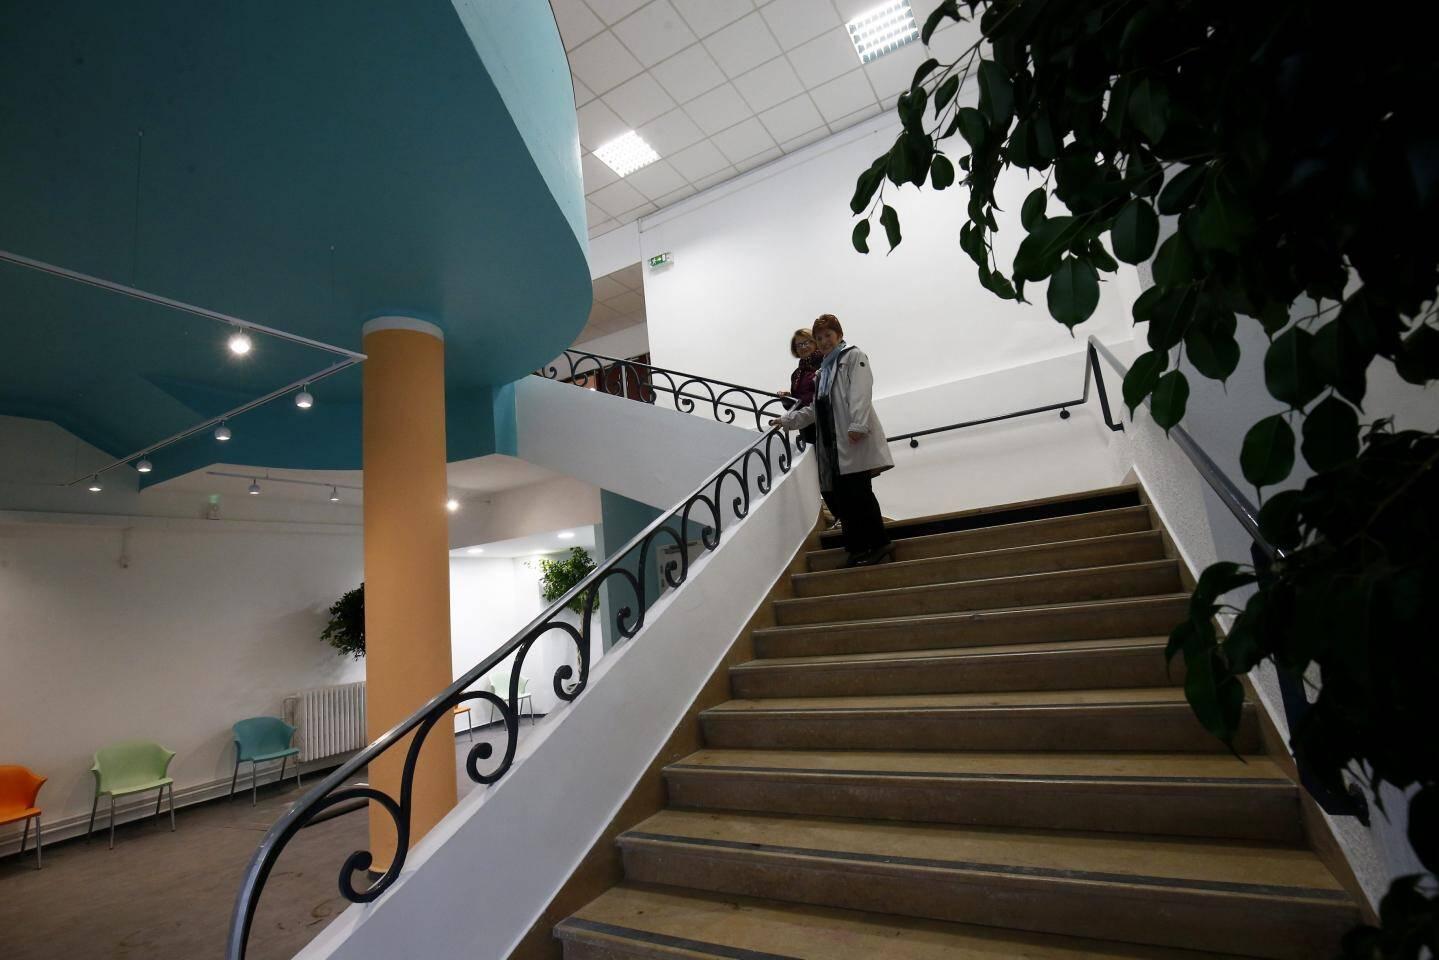 L'escalier avec sa rambarde en fer forgé d'origine dans le style des années 60 donne accès à deux espaces publics : la grande salle et la mezzanine.